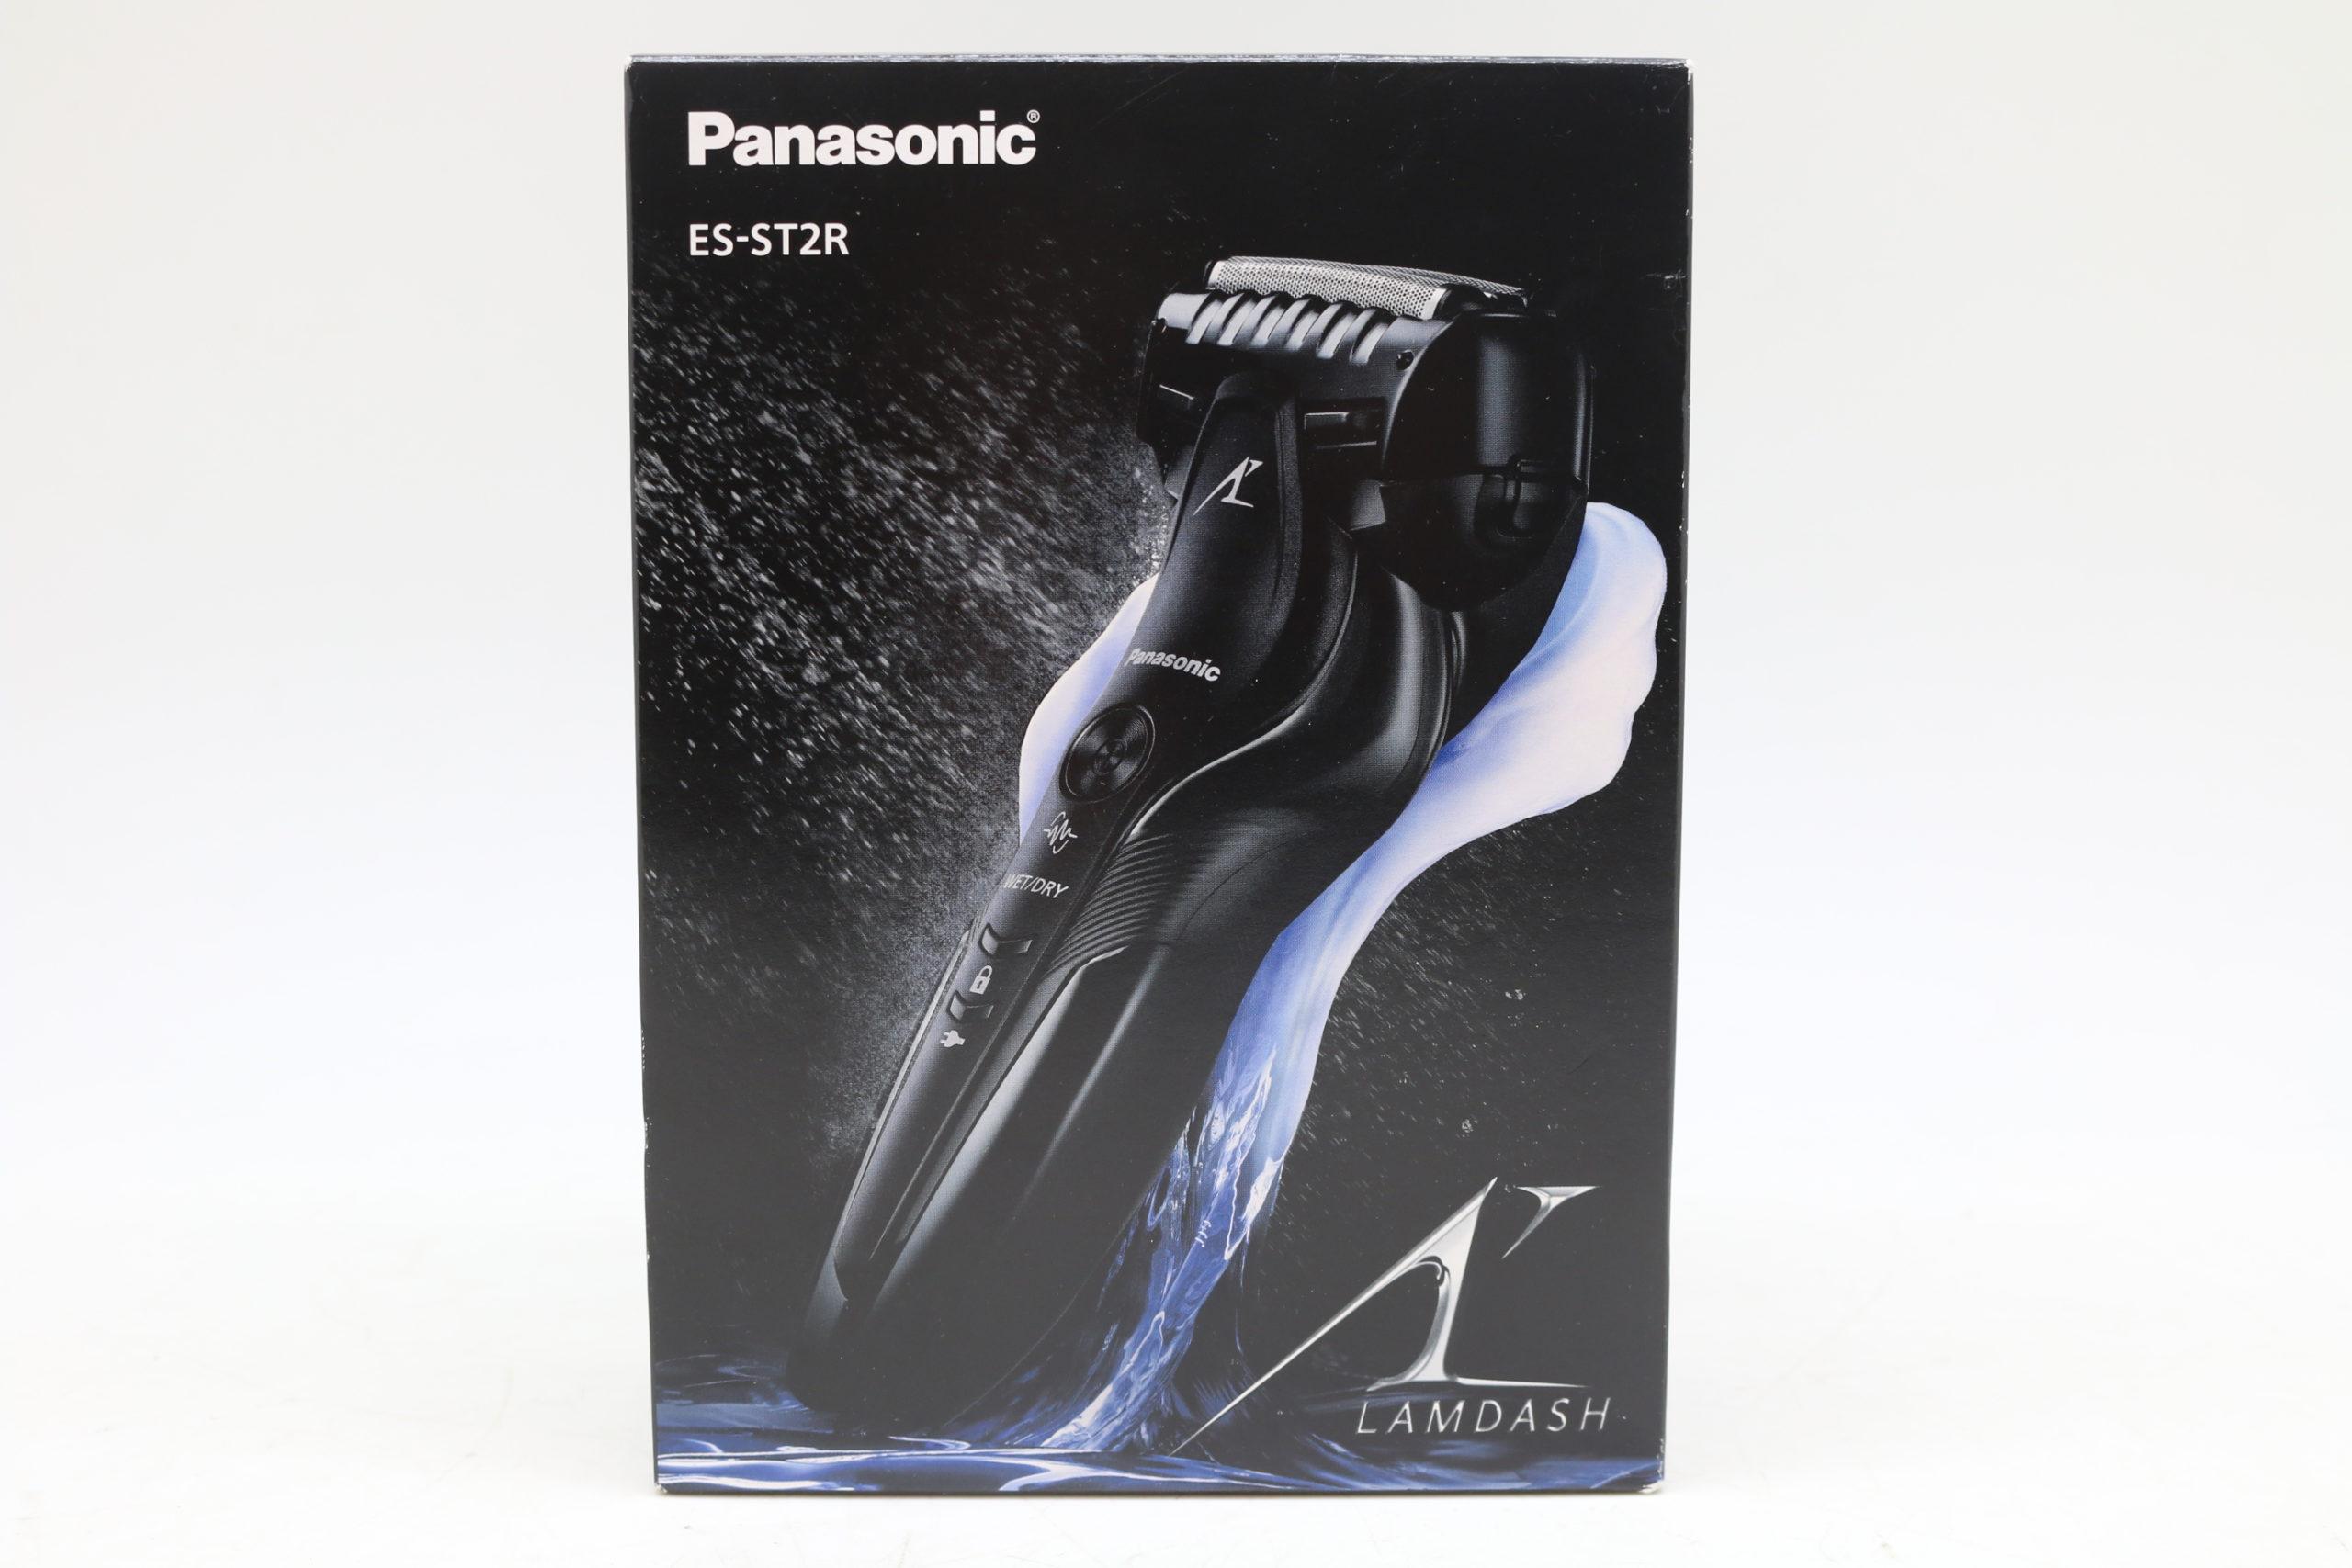 Panasonic/パナソニック ES-ST2R LAMDASH/ラムダッシュ 電動シェーバー 髭剃り 3枚刃を買取させて頂きました!の買取-